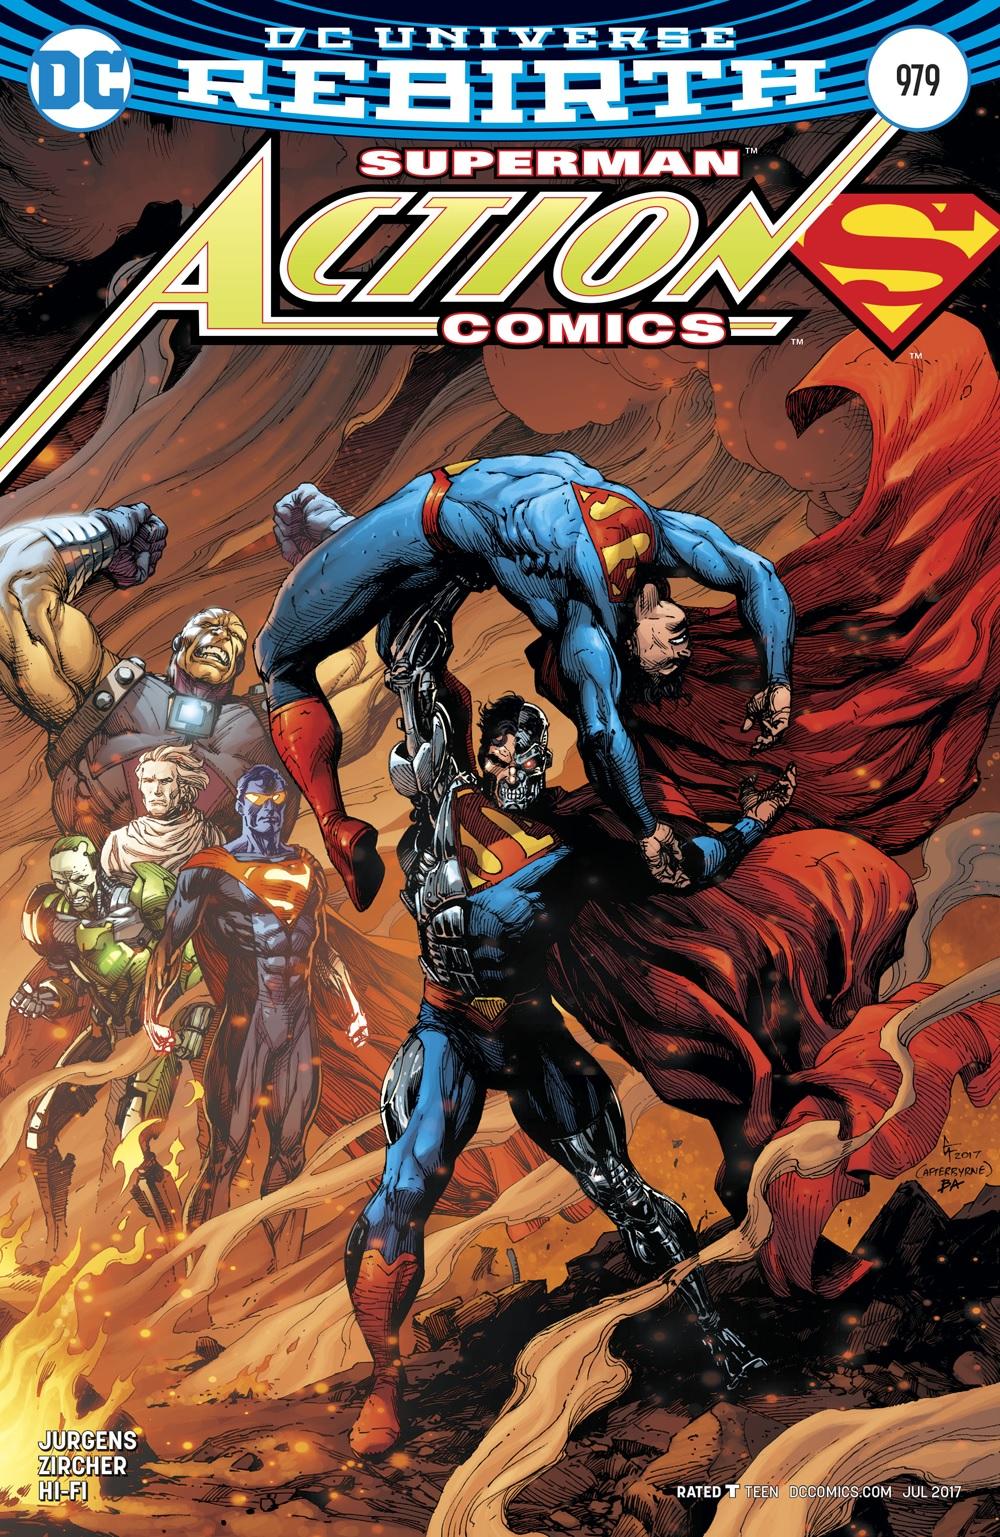 Action Comics Vol 1 979 Variant.jpg